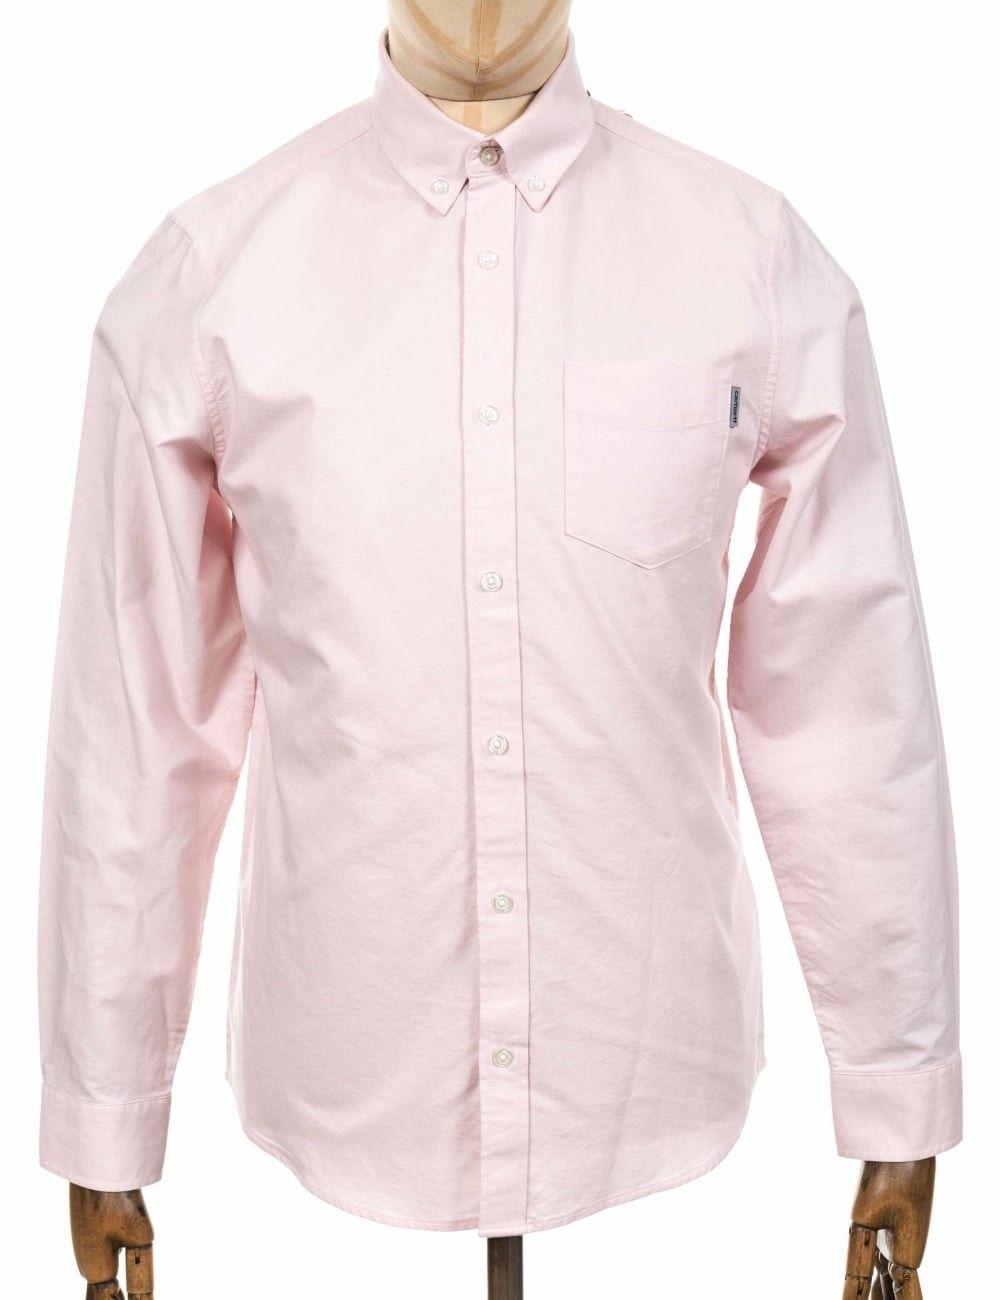 carhartt wip chore jacken, Schwarz weißes Sweatshirt mit